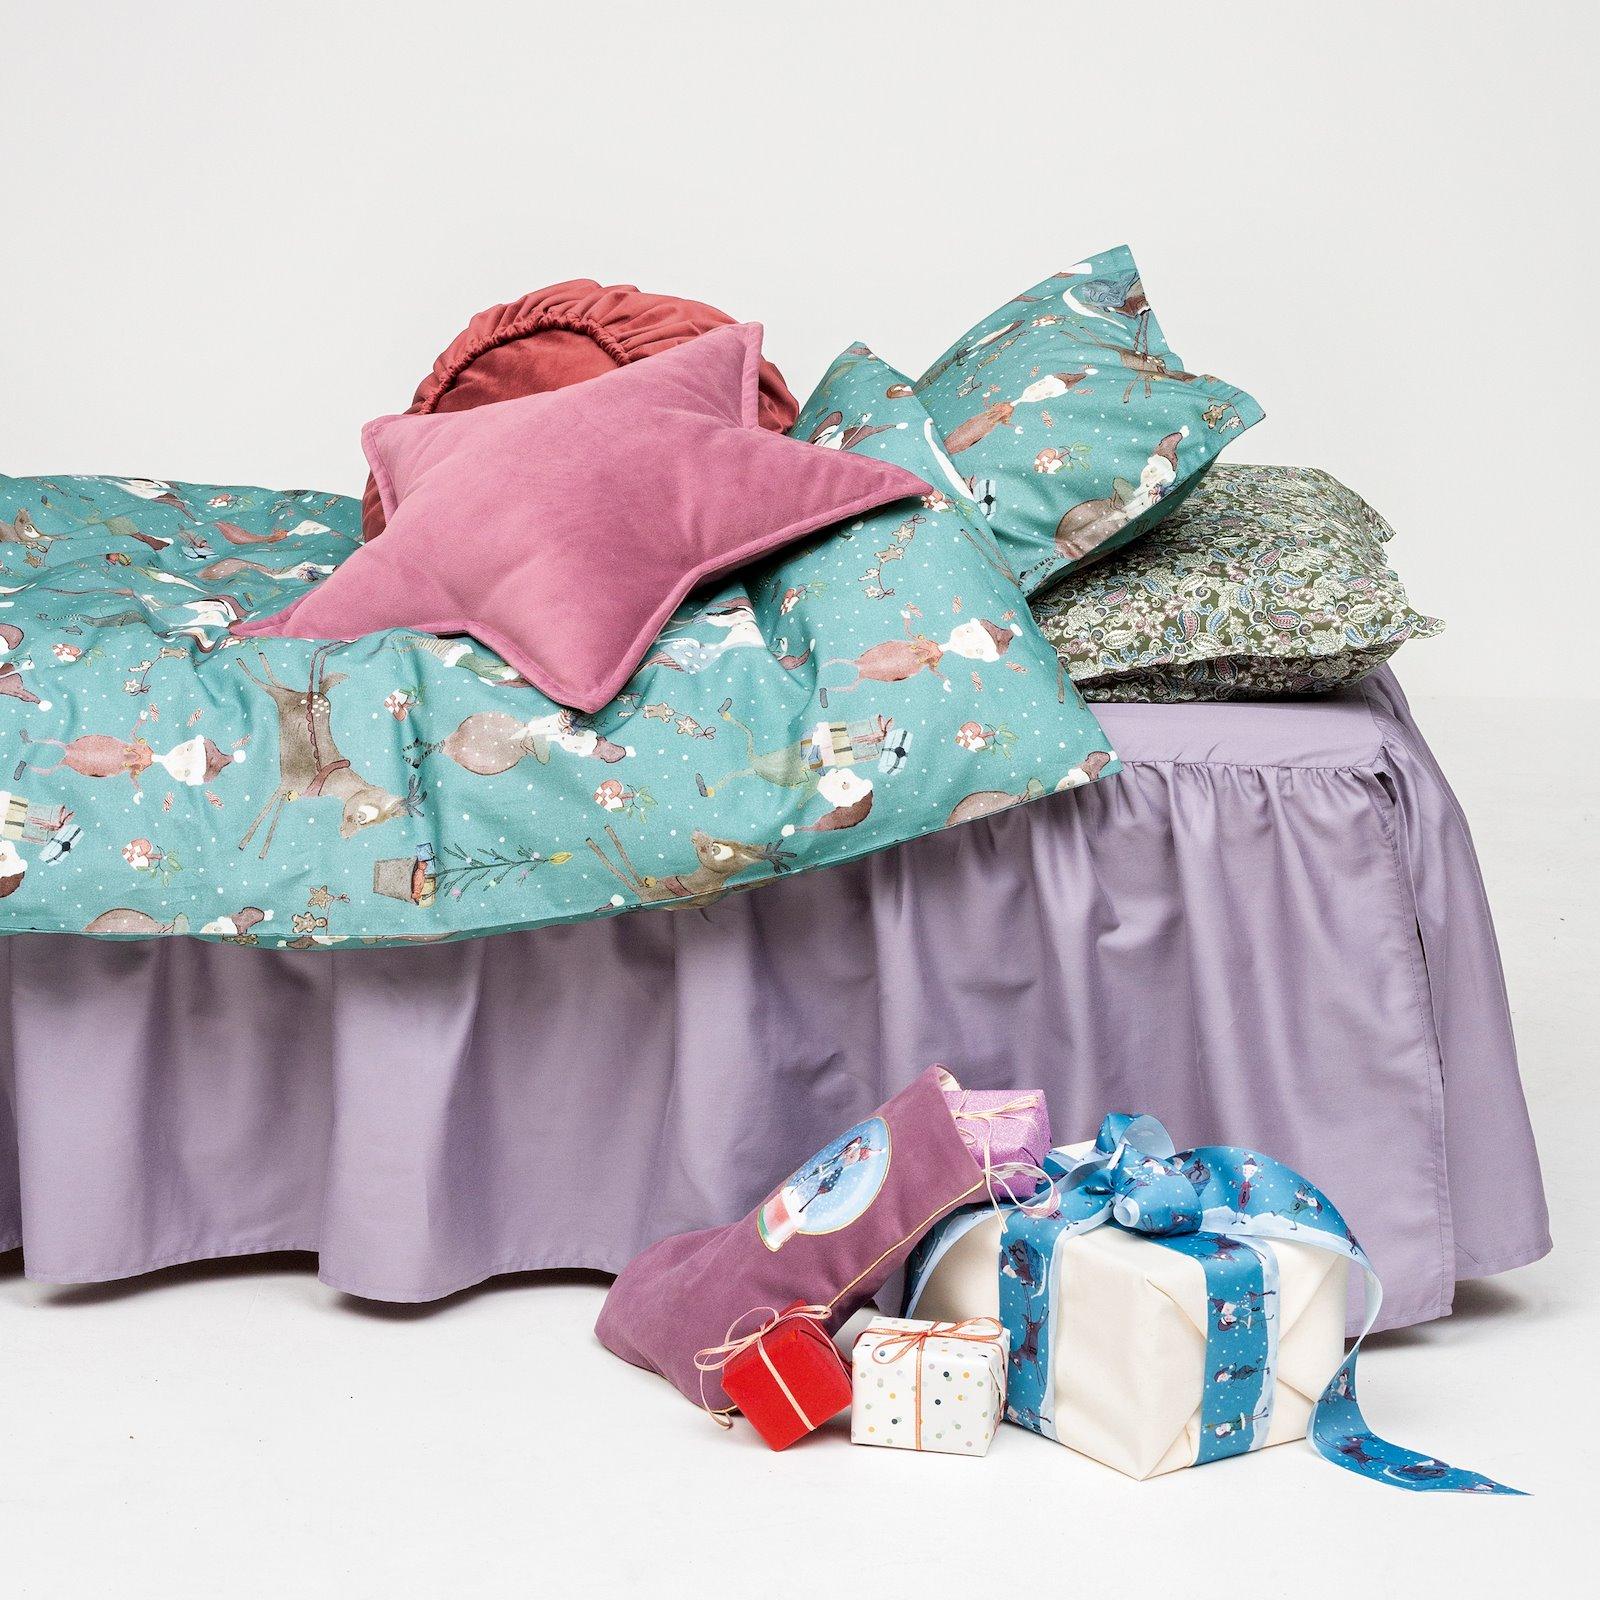 Upholstery shiny velvet light fuchsia p90076_852415_p90278_823829_p90278_823695_bundle